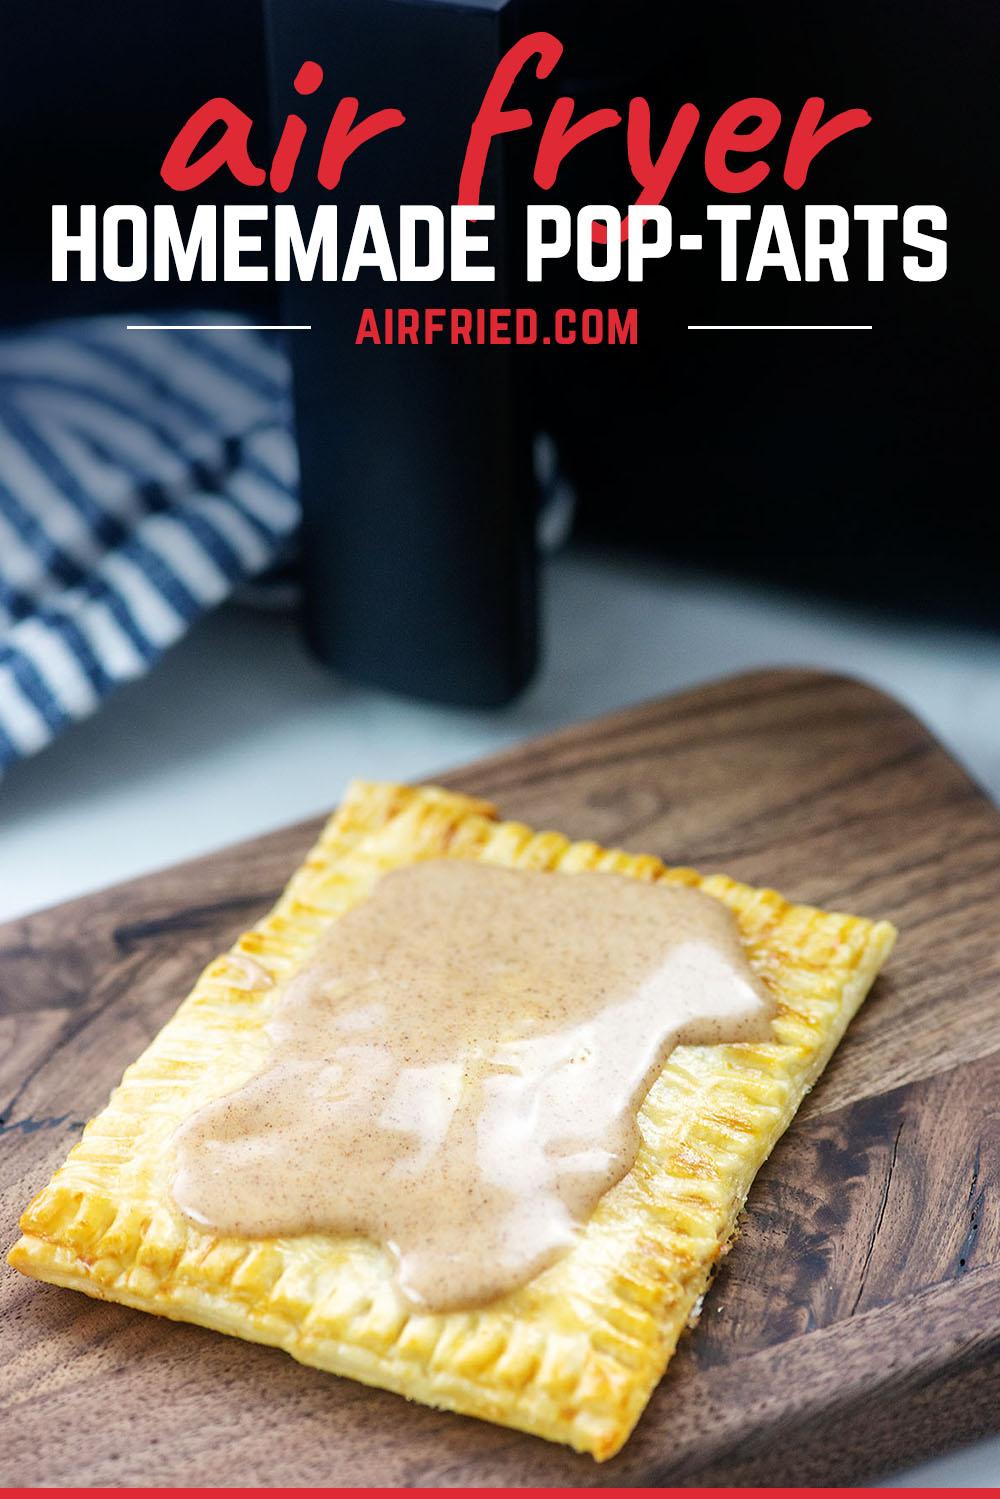 A homemade pop tart on a wooden cutting board